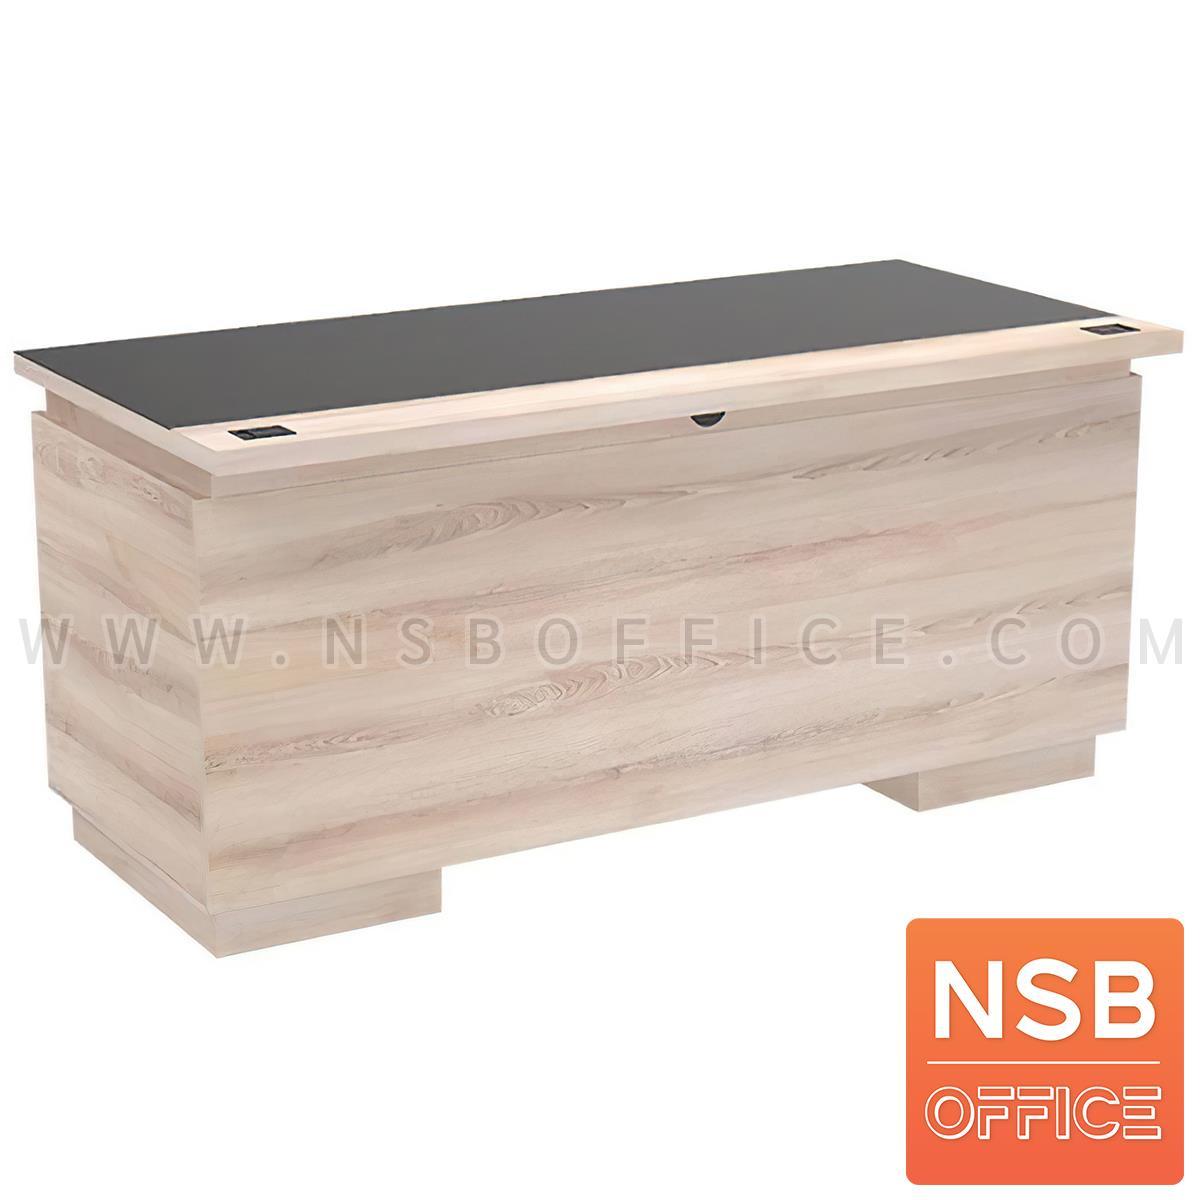 โต๊ะทำงานไม้ 3 ลิ้นชัก 2 บานเปิด รุ่น Taffe (ทาฟเฟ) ขนาด 160W*75D cm. แผ่นท็อปกระจกชาดำ